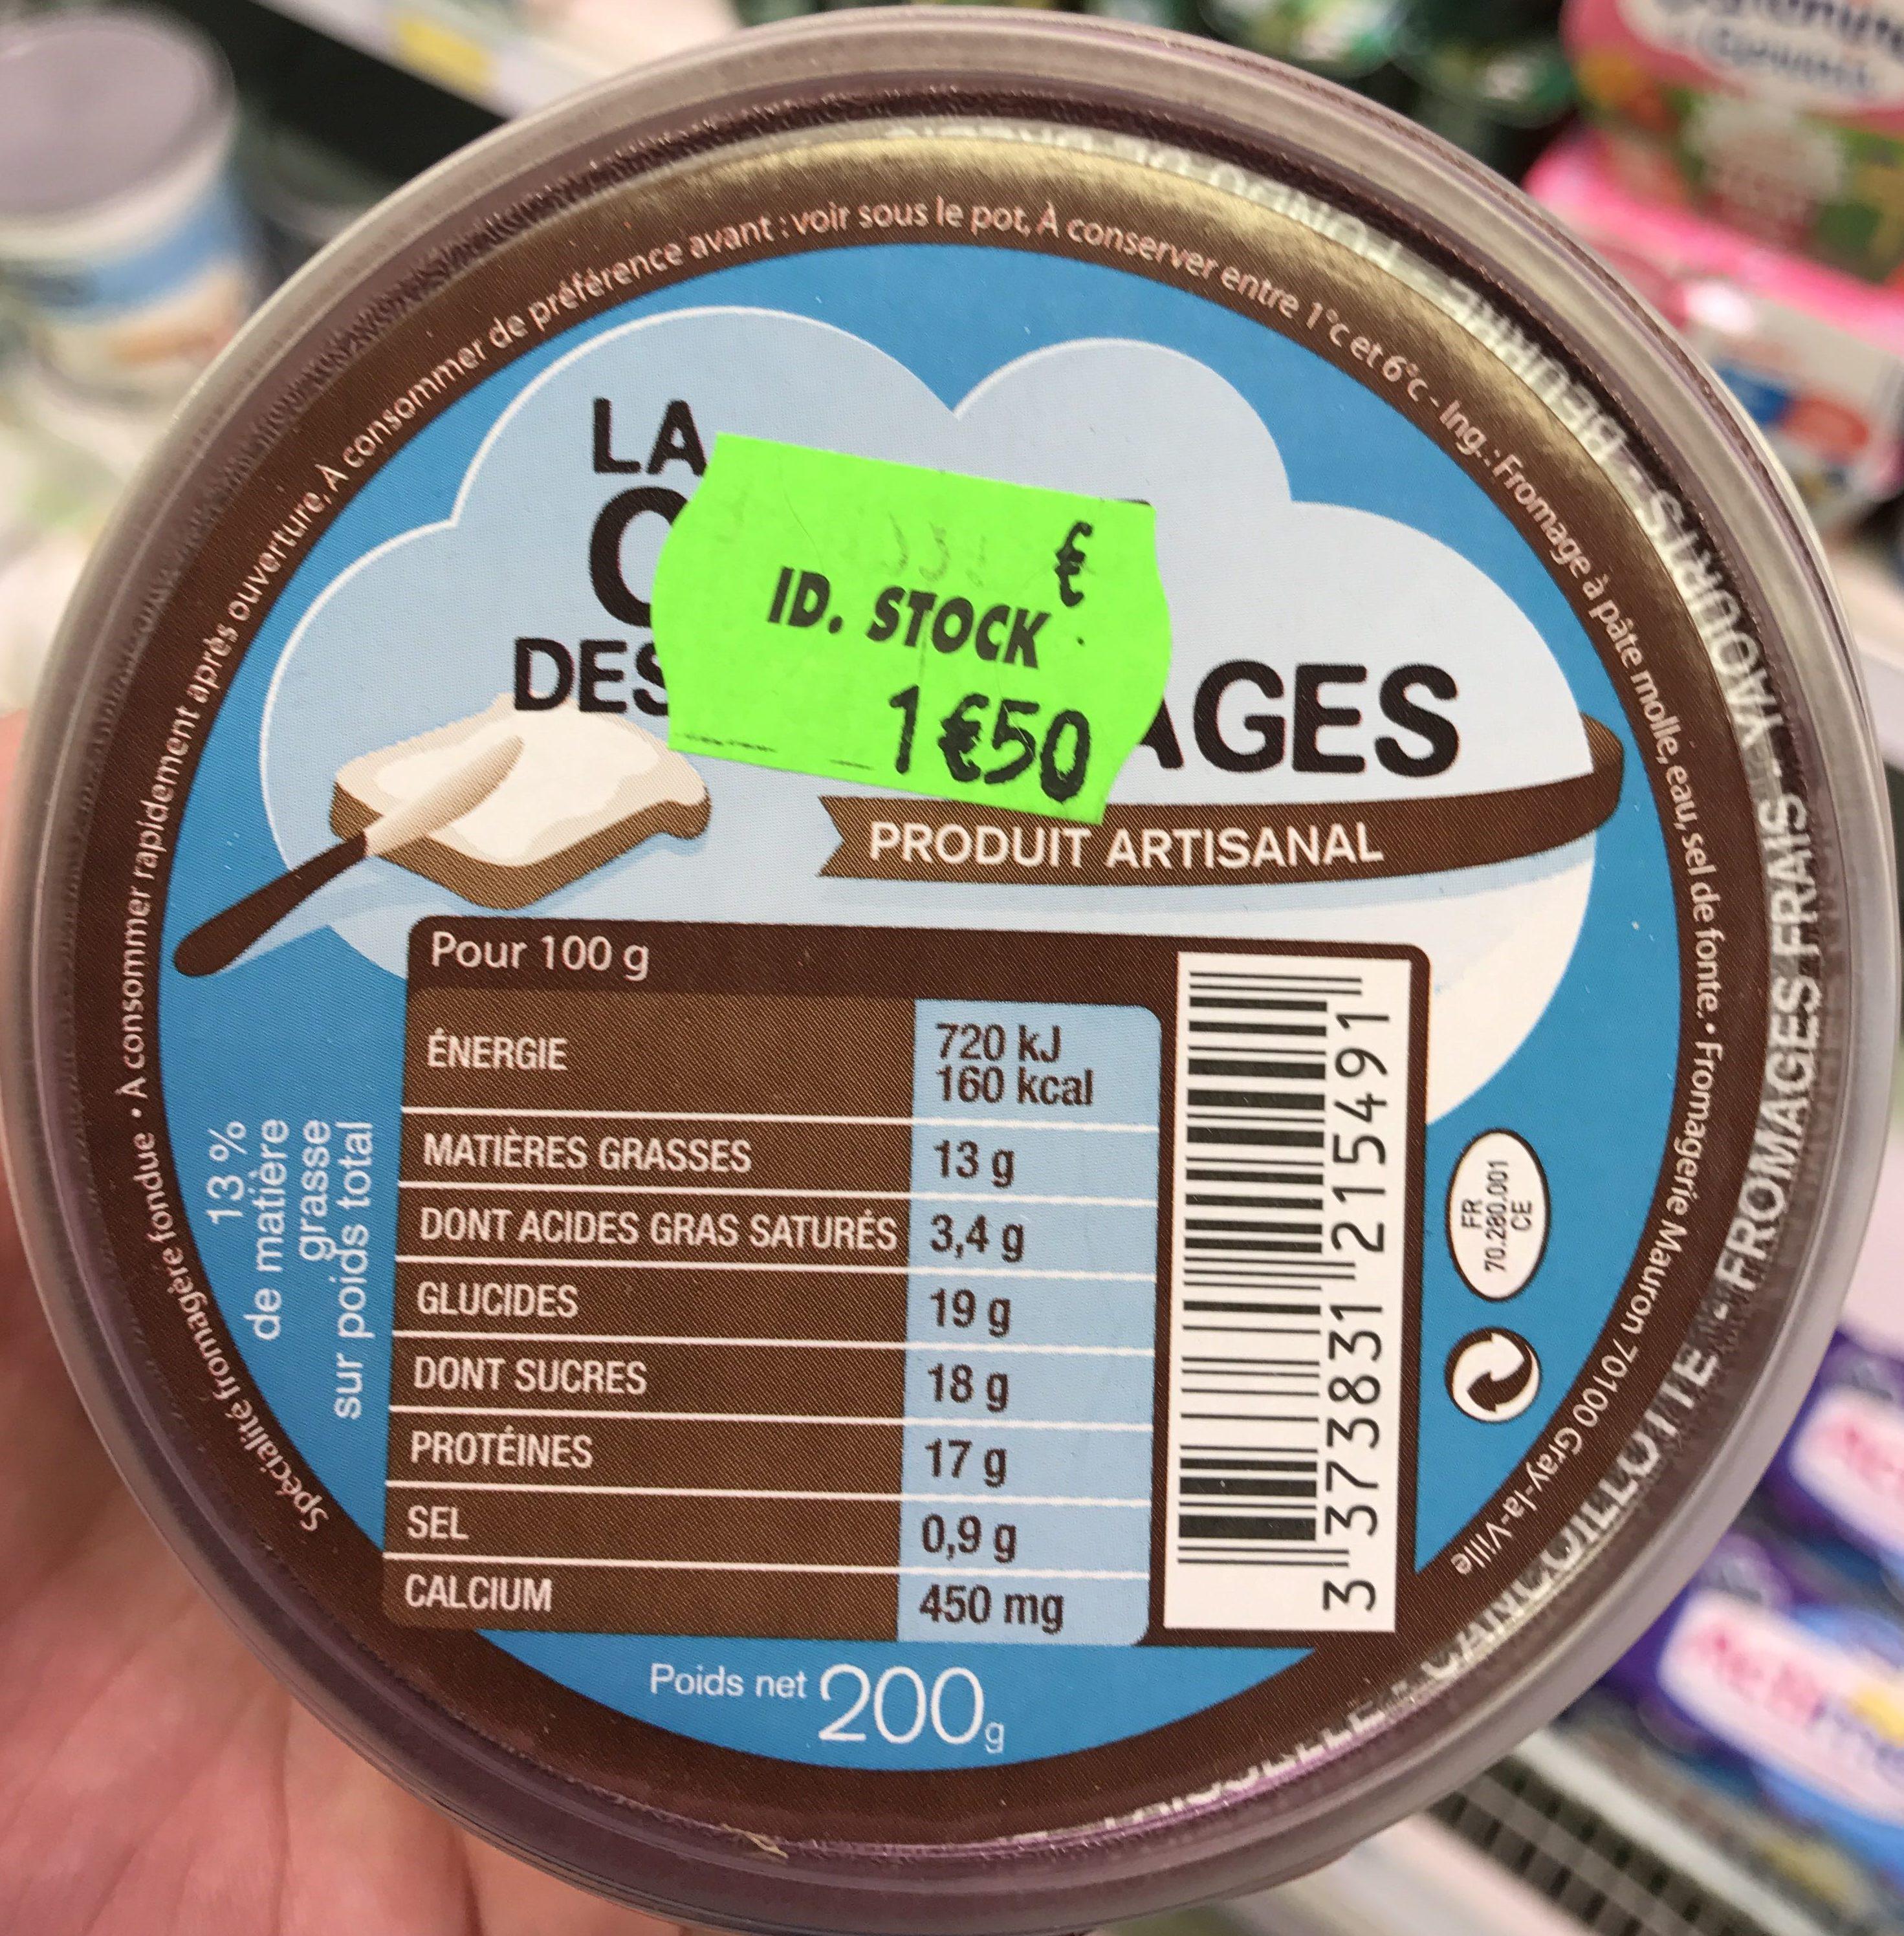 La crème des fromages - Produit - fr